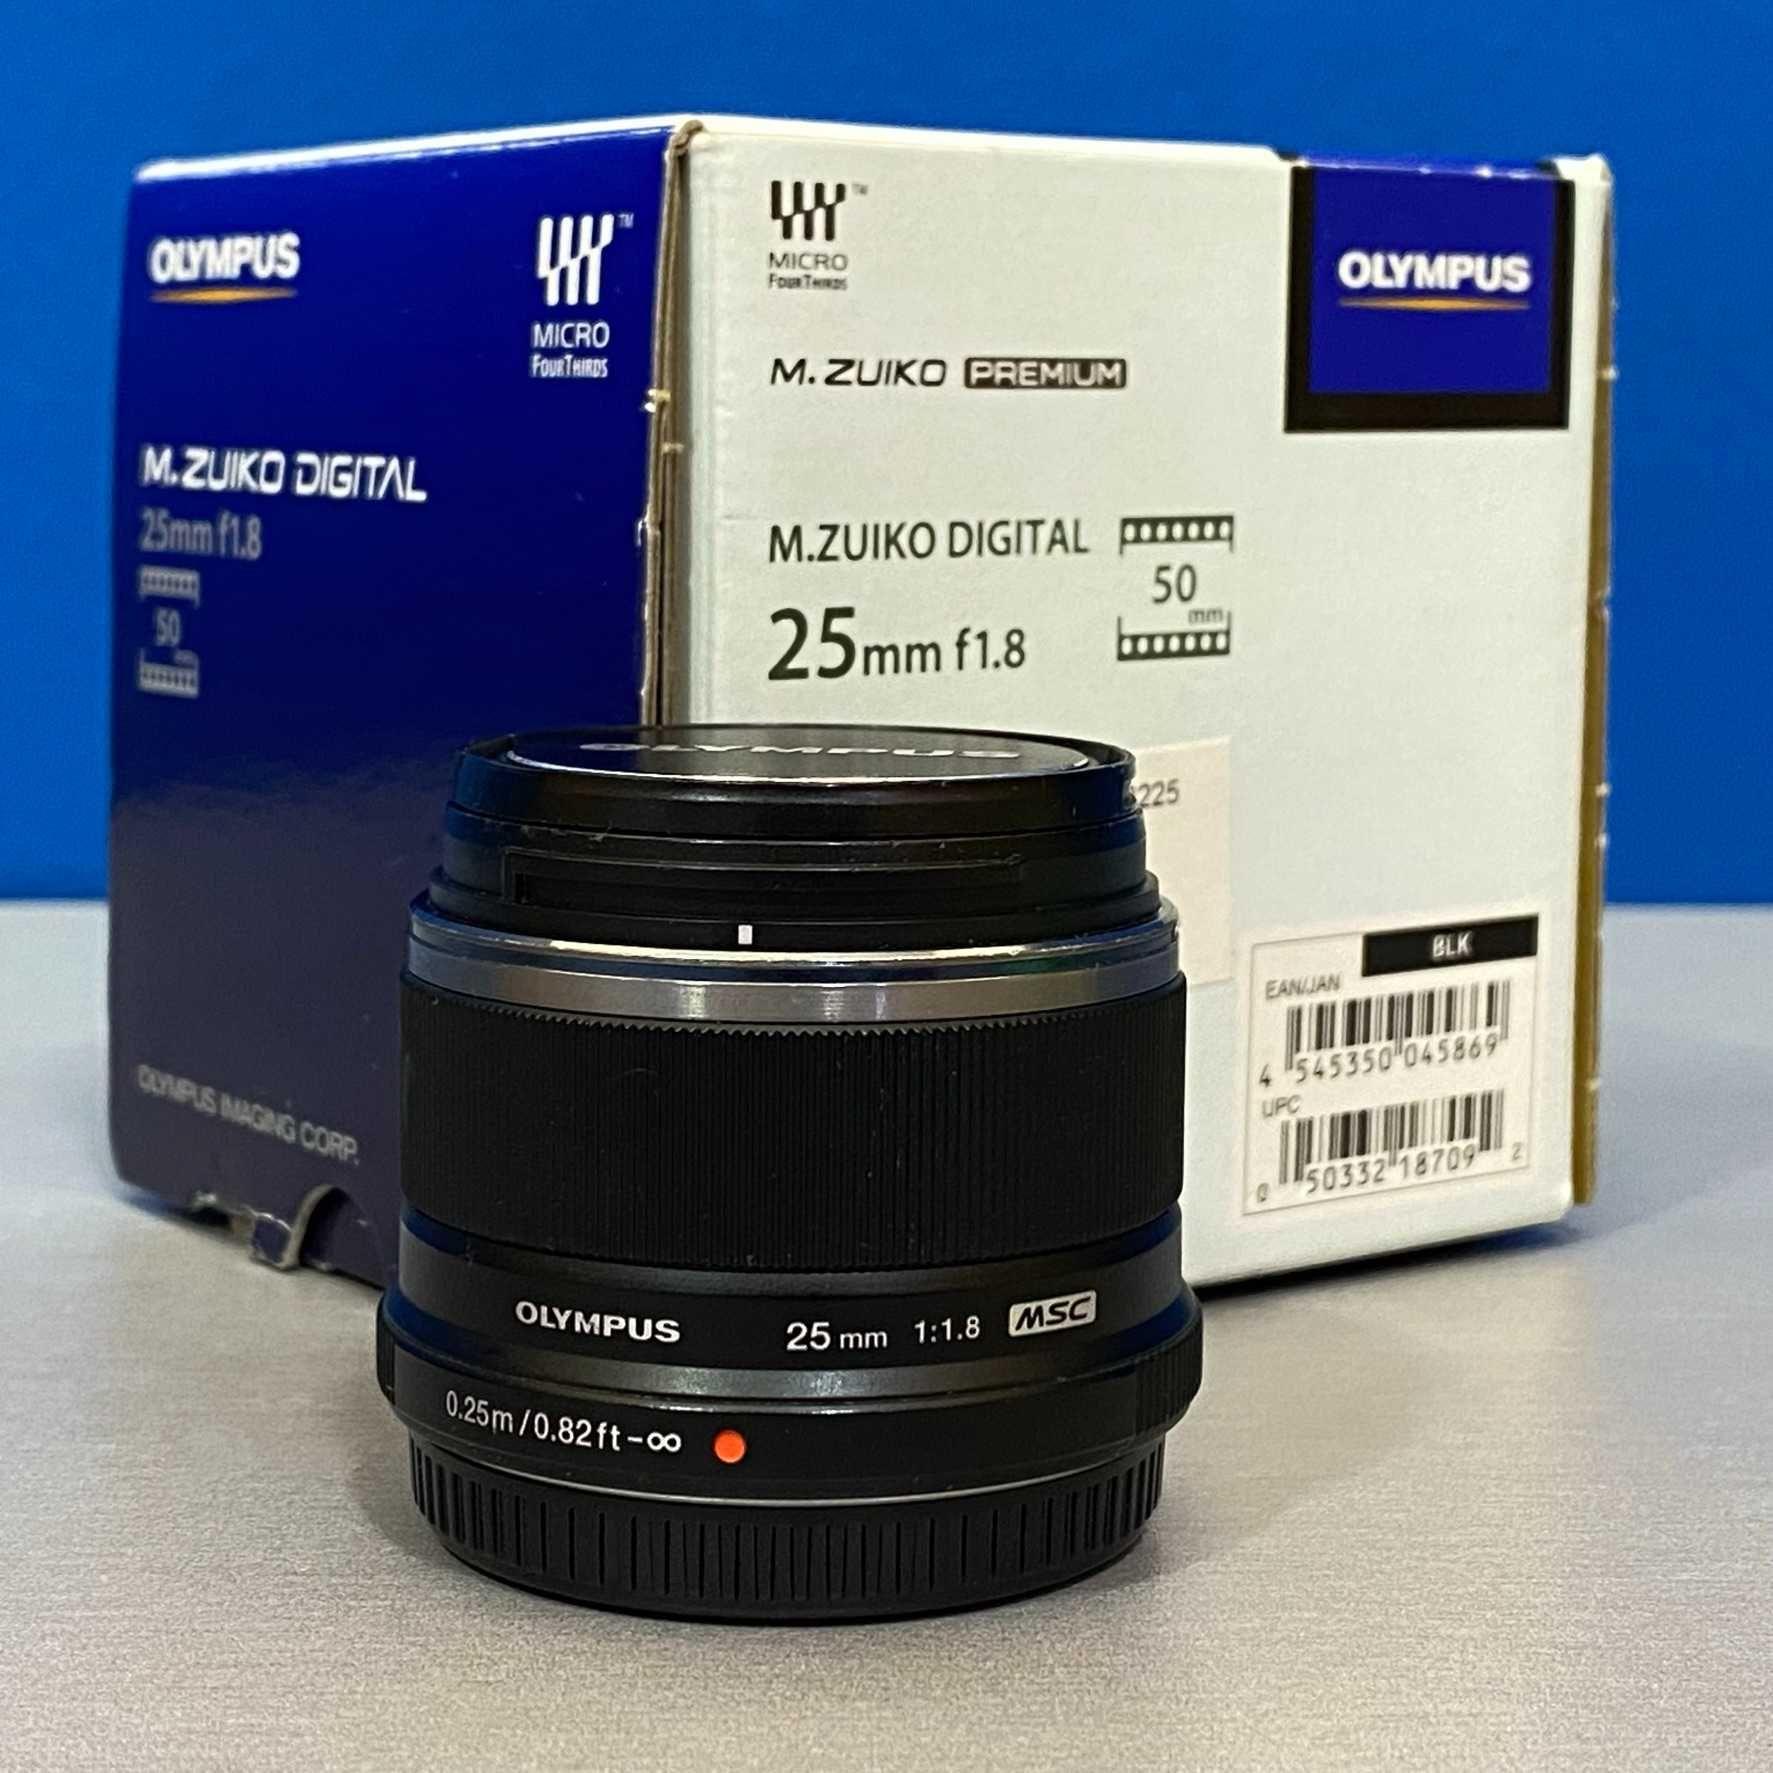 Olympus M.Zuiko Digital 25mm f/1.8 MSC